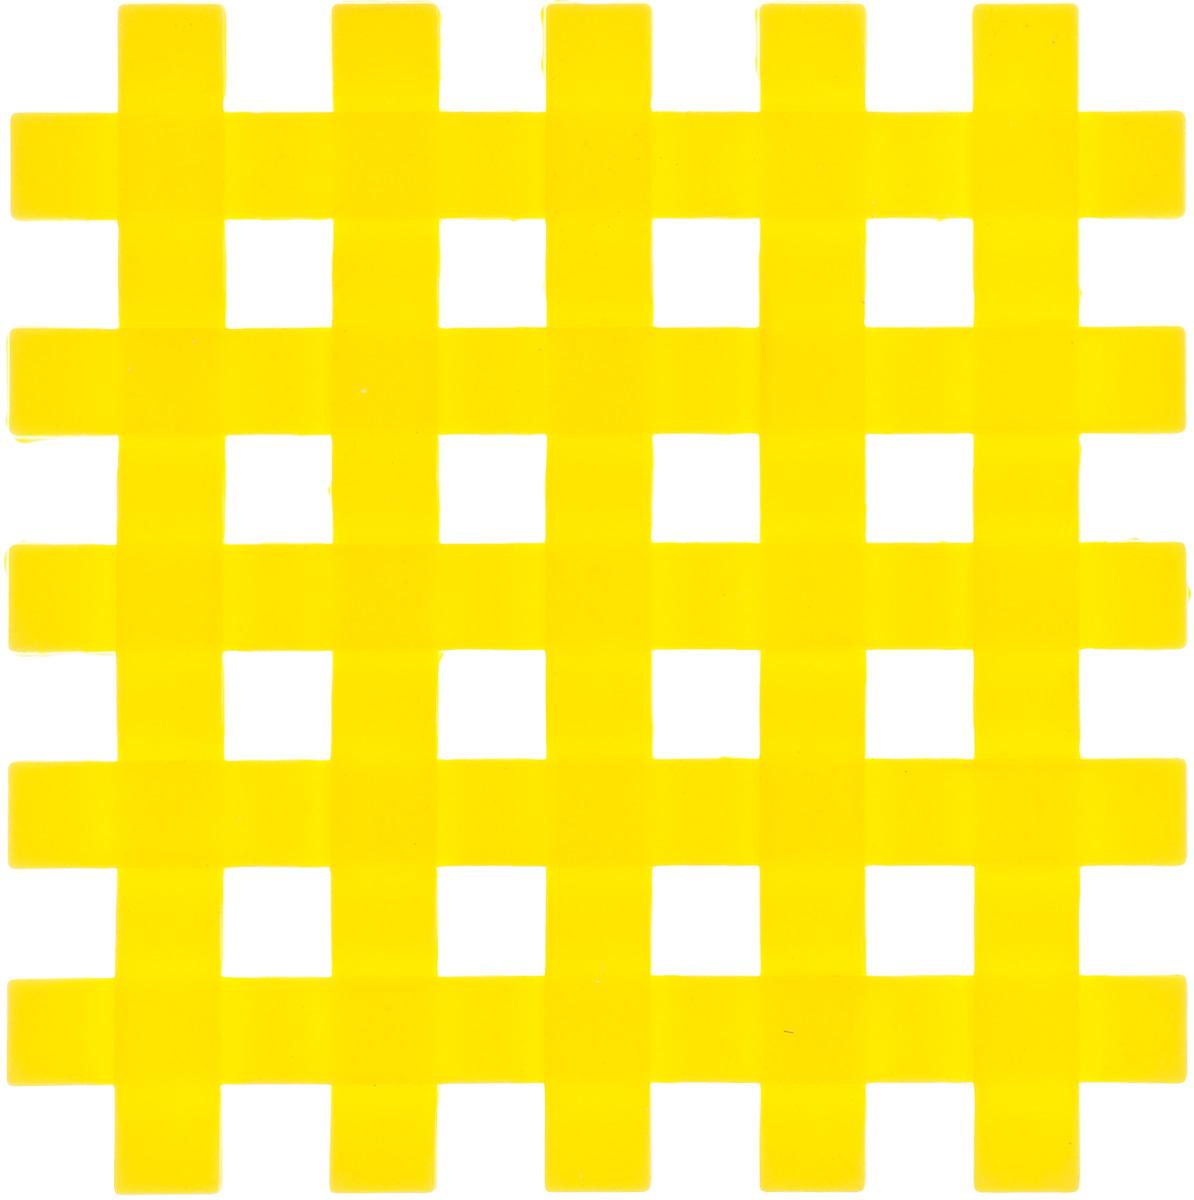 Подставка под горячее Mayer & Boch, силиконовая, цвет: желтый, 17 х 17 см20059_желтыйПодставка под горячее Mayer & Boch изготовлена из силикона и оформлена в виде сетки. Материал позволяет выдерживать высокие температуры и не скользит по поверхности стола. Каждая хозяйка знает, что подставка под горячее - это незаменимый и очень полезный аксессуар на каждой кухне. Ваш стол будет не только украшен яркой и оригинальной подставкой, но также вы сможете уберечь его от воздействия высоких температур.